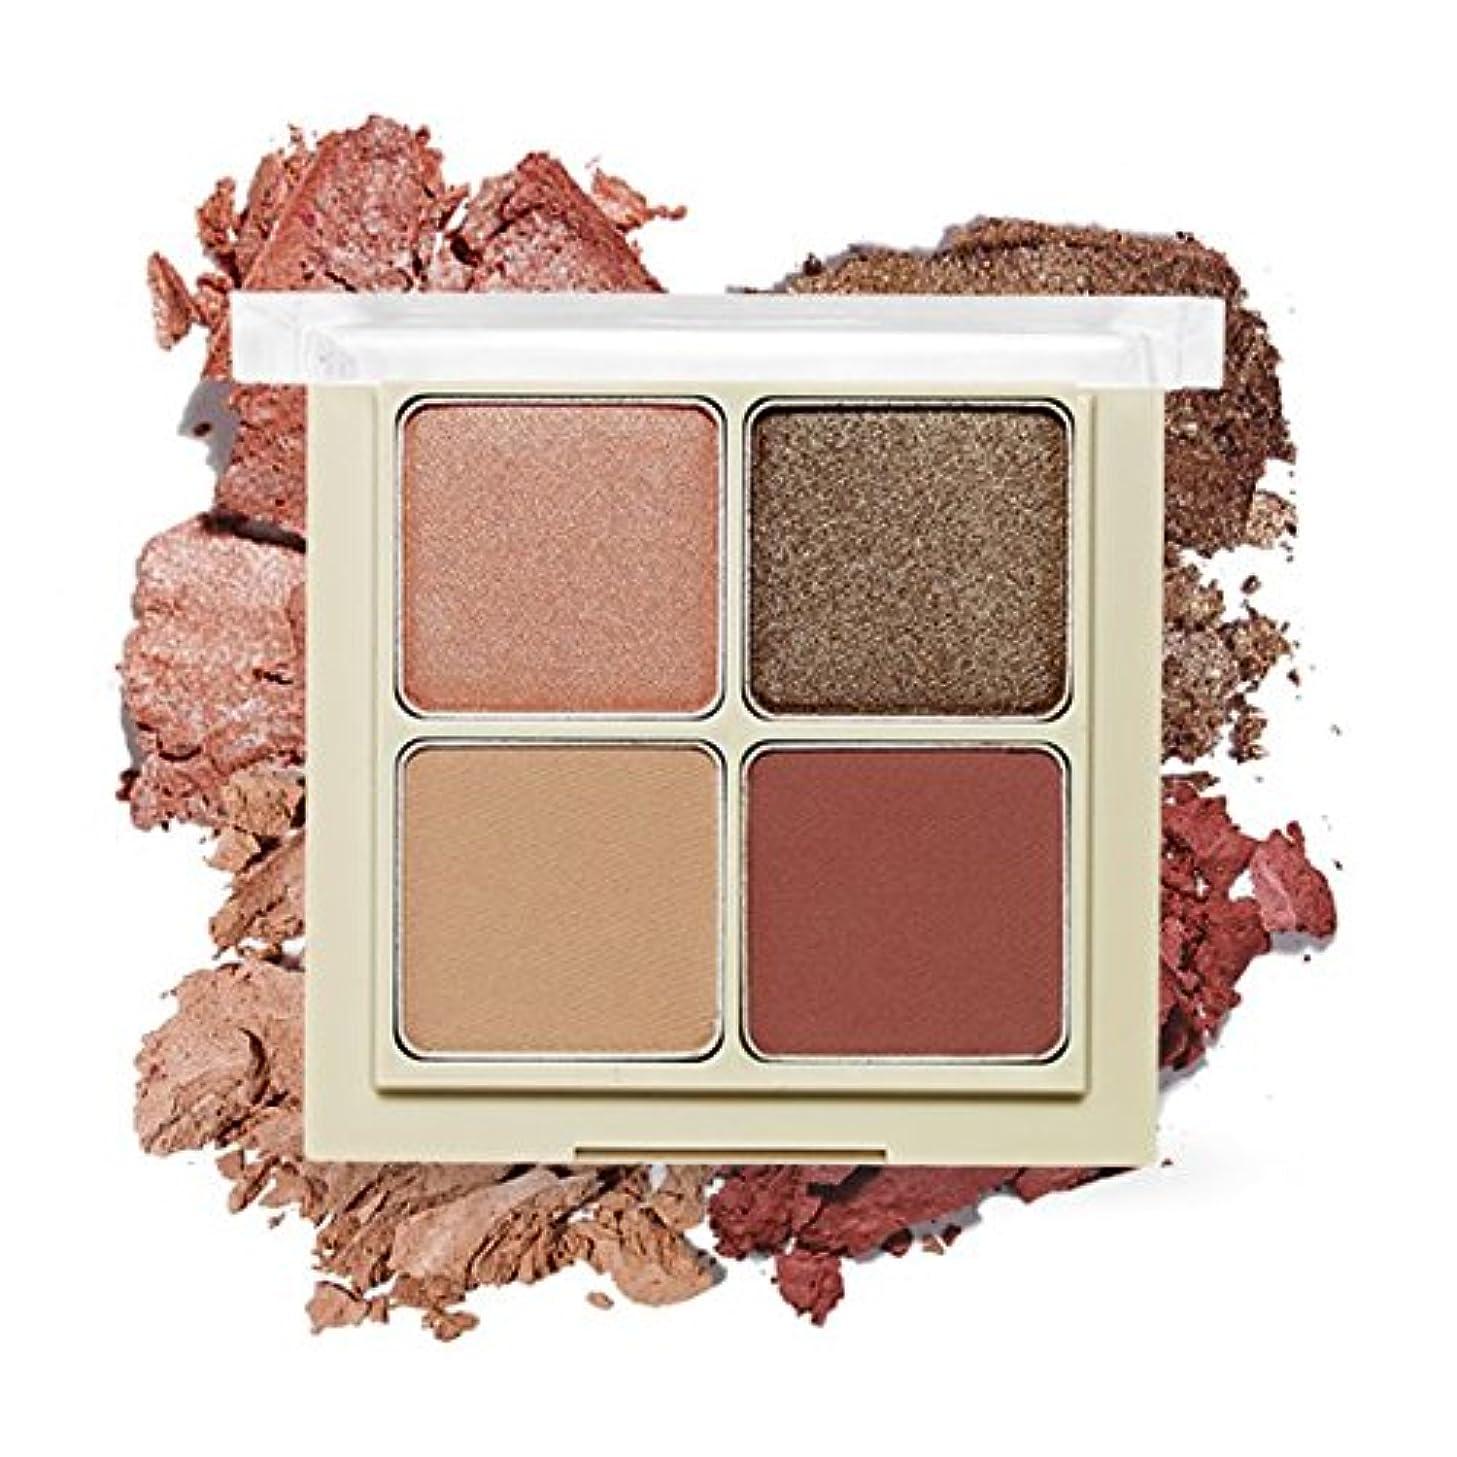 非常に褐色大使ETUDE HOUSE Blend For Eyes #01 Dried Rose / エチュードハウス ブレンドフォーアイズ #01ドライローズ [並行輸入品]